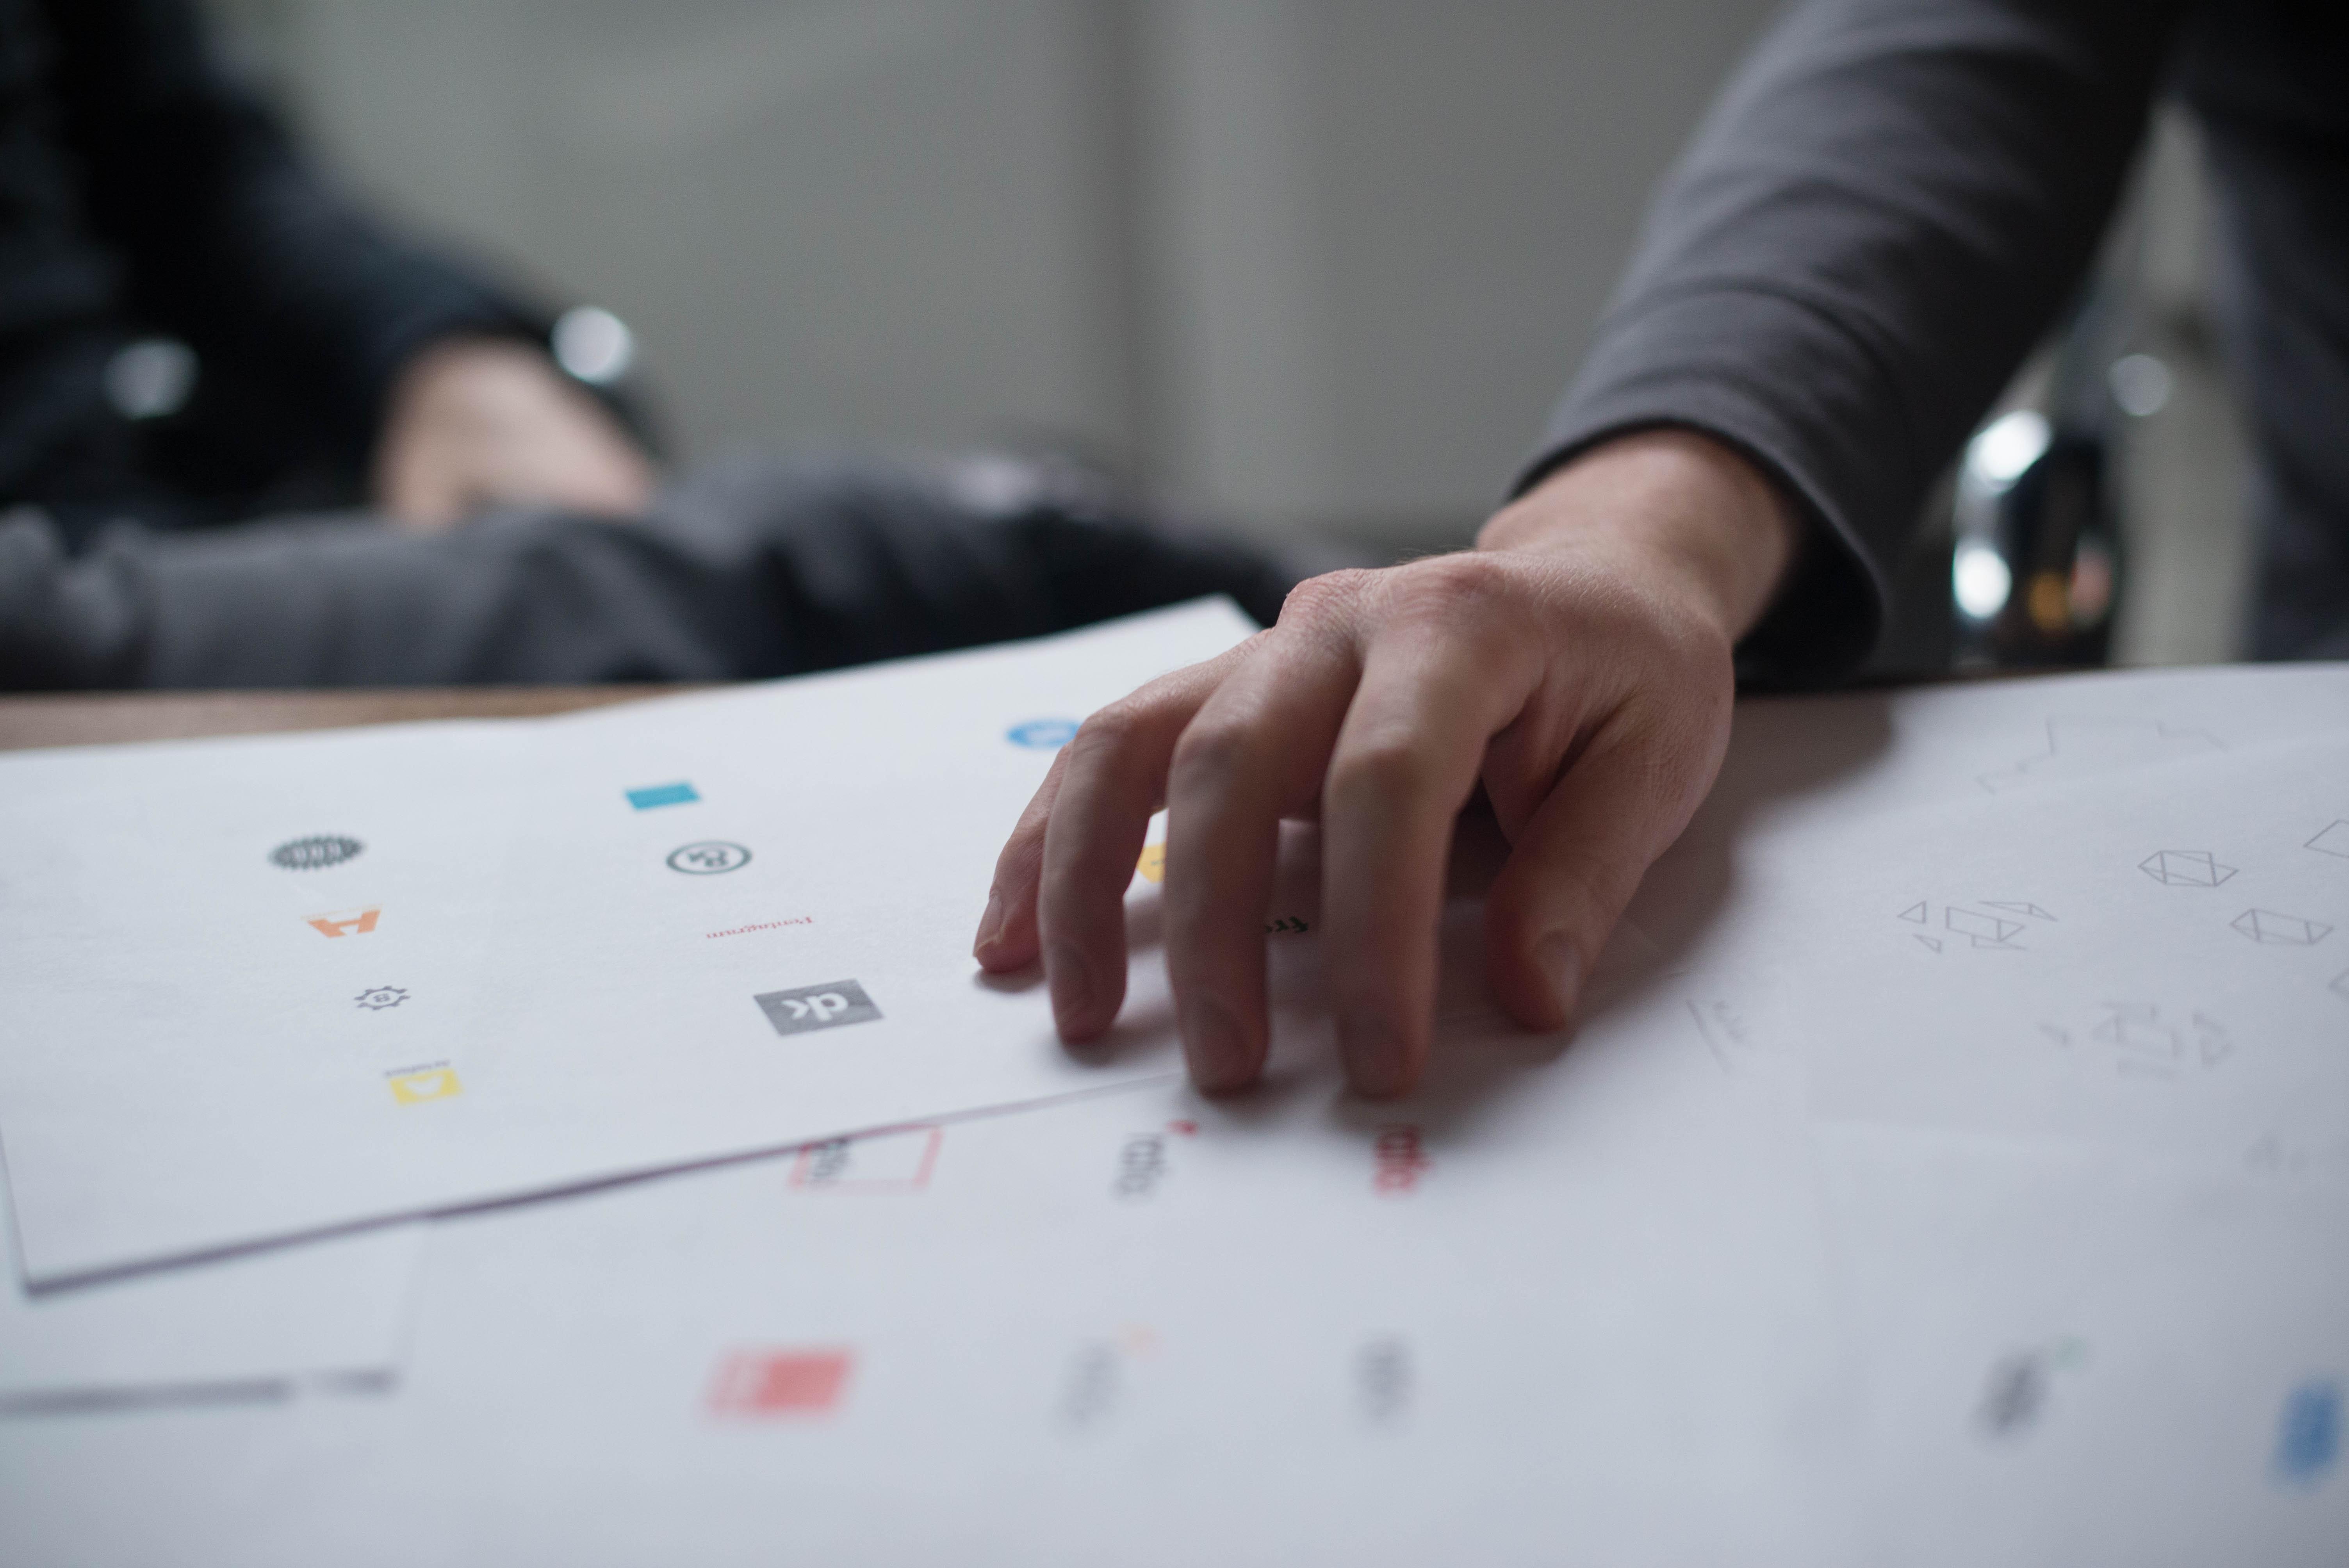 les 10 meilleurs outils gratuit pour créer un logo en ligne en 2019